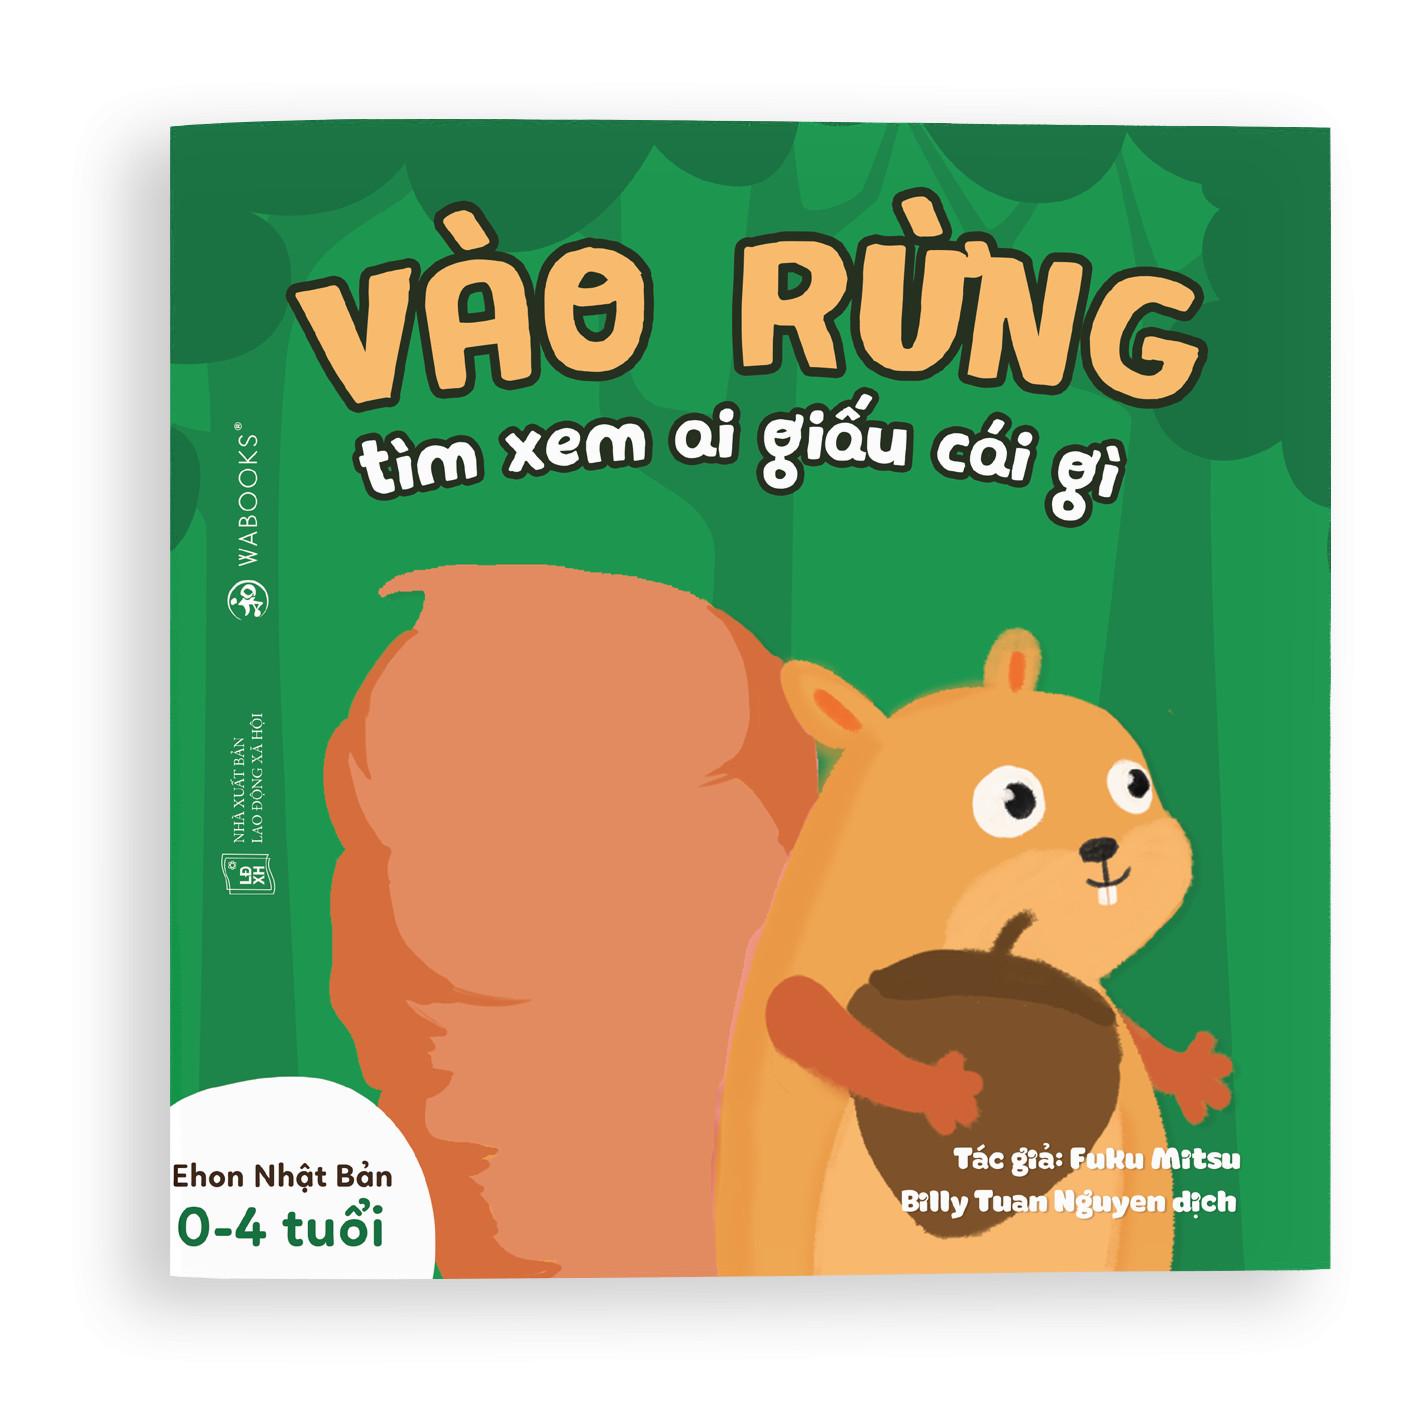 Sách Ehon - Vào rừng xem ai giấu cái gì - Dành cho trẻ từ 0 - 4 tuổi